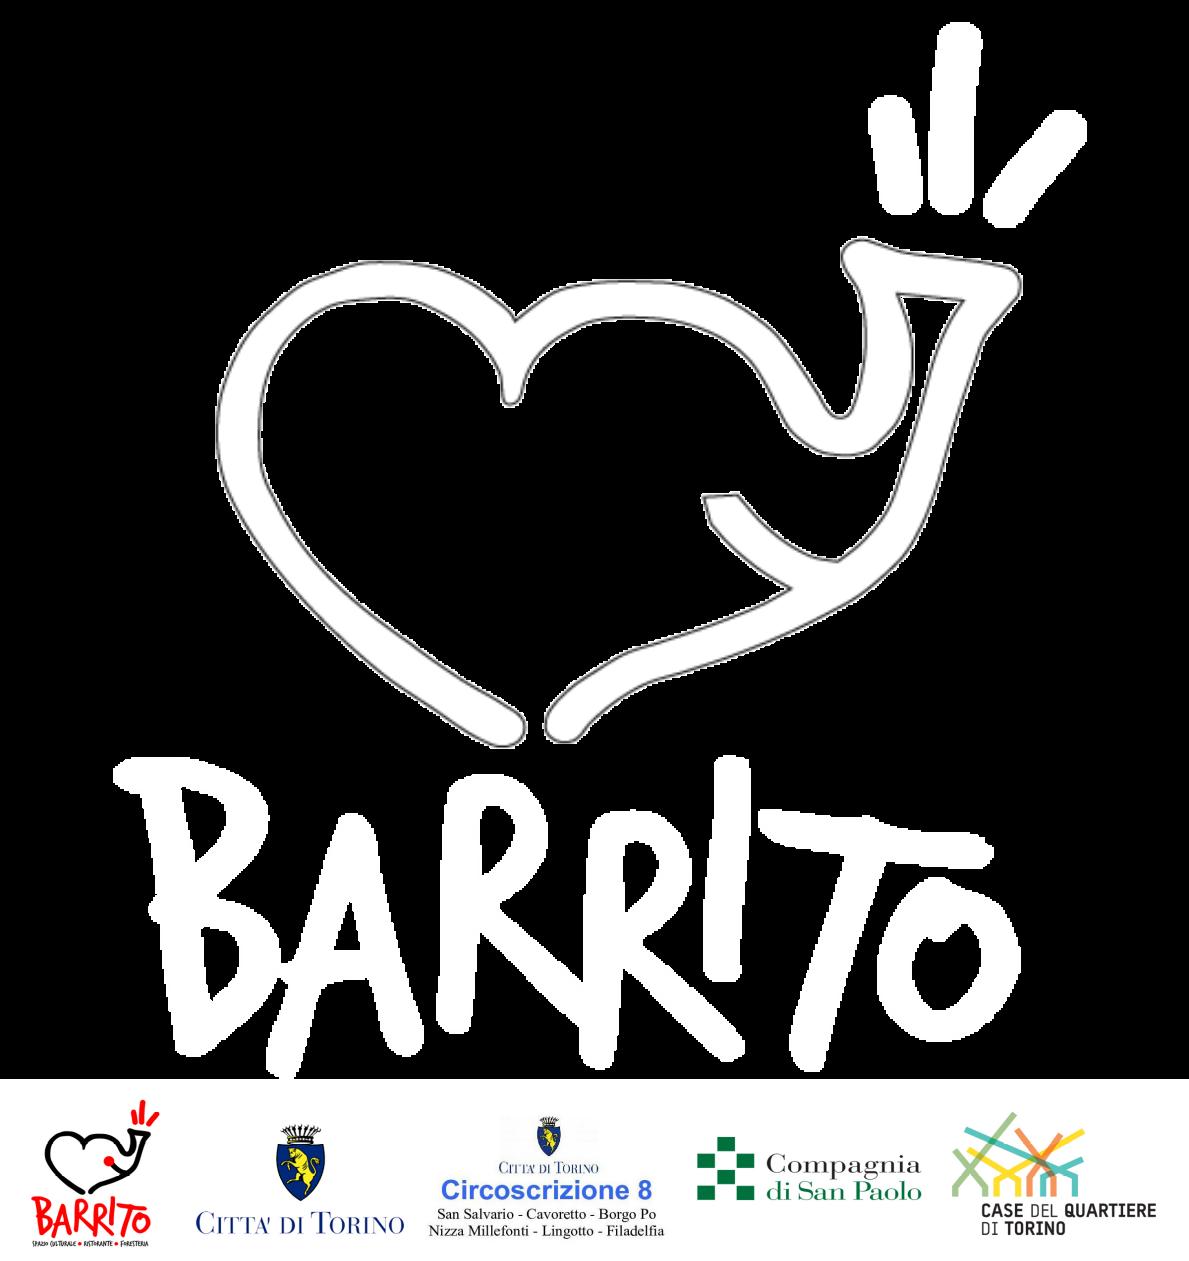 Barrito